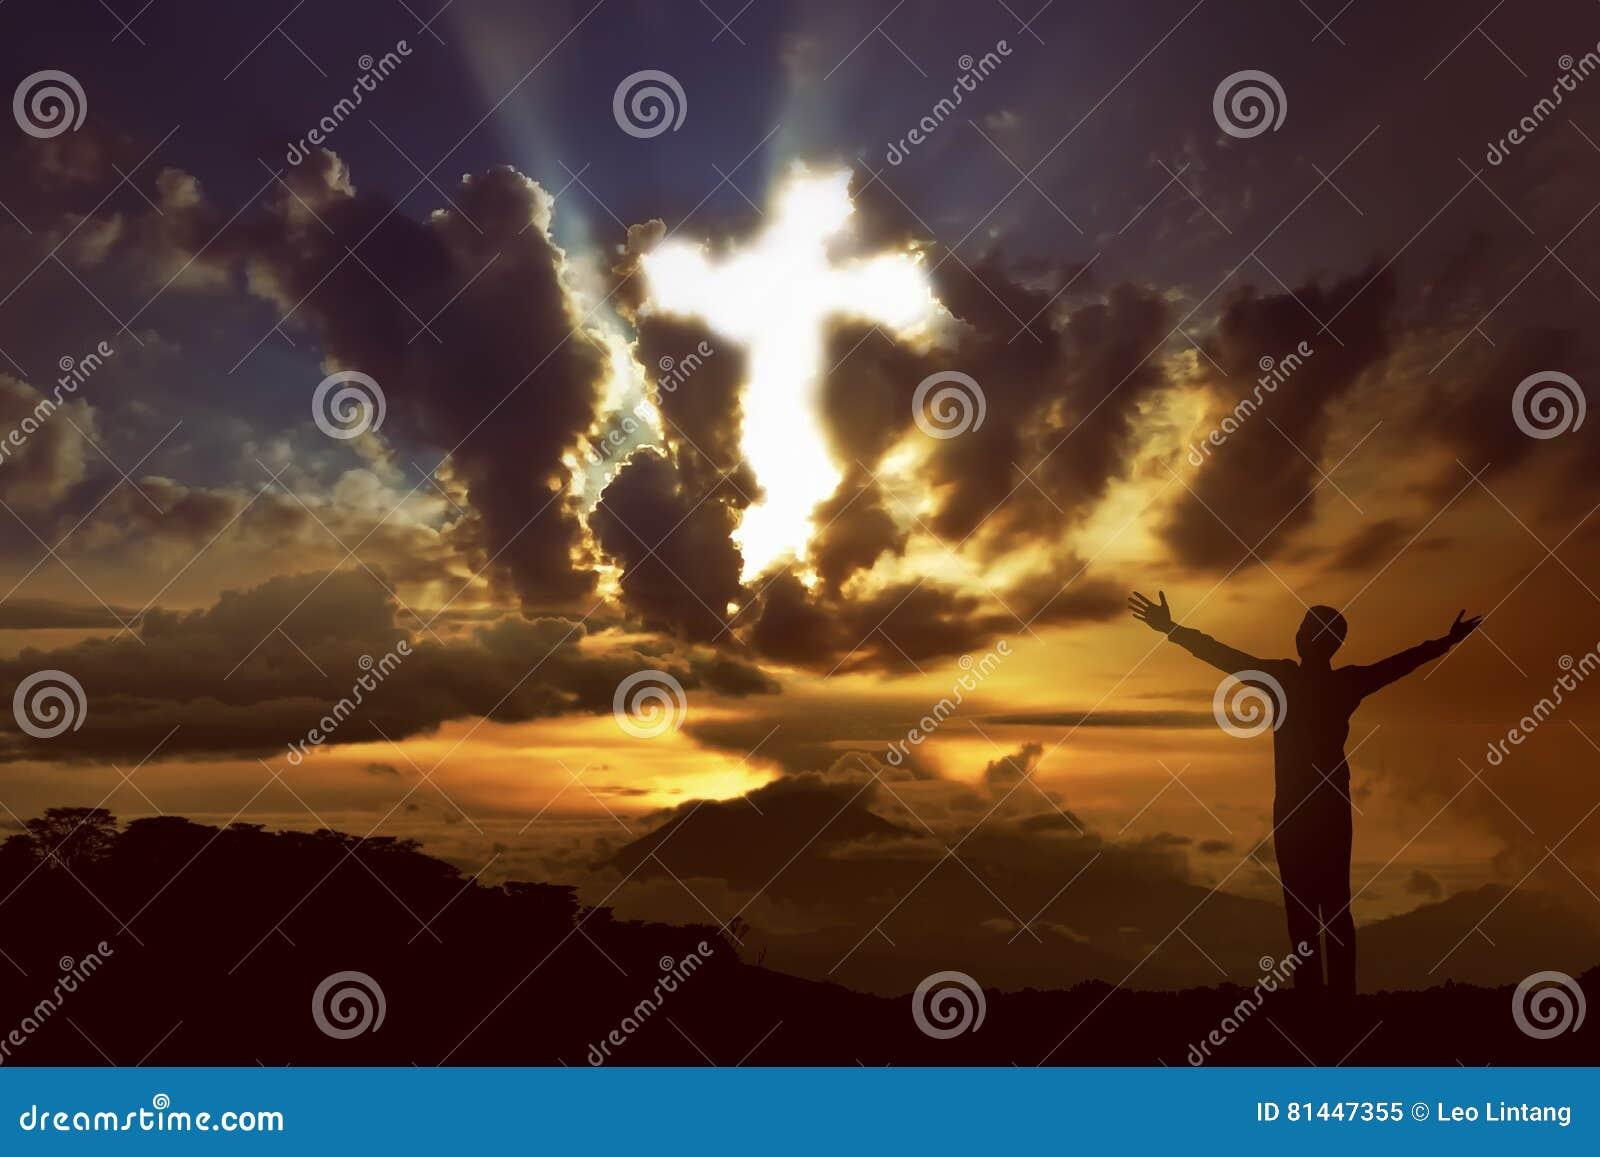 Equipe rezar ao deus com o raio de luz que dá forma à cruz no céu